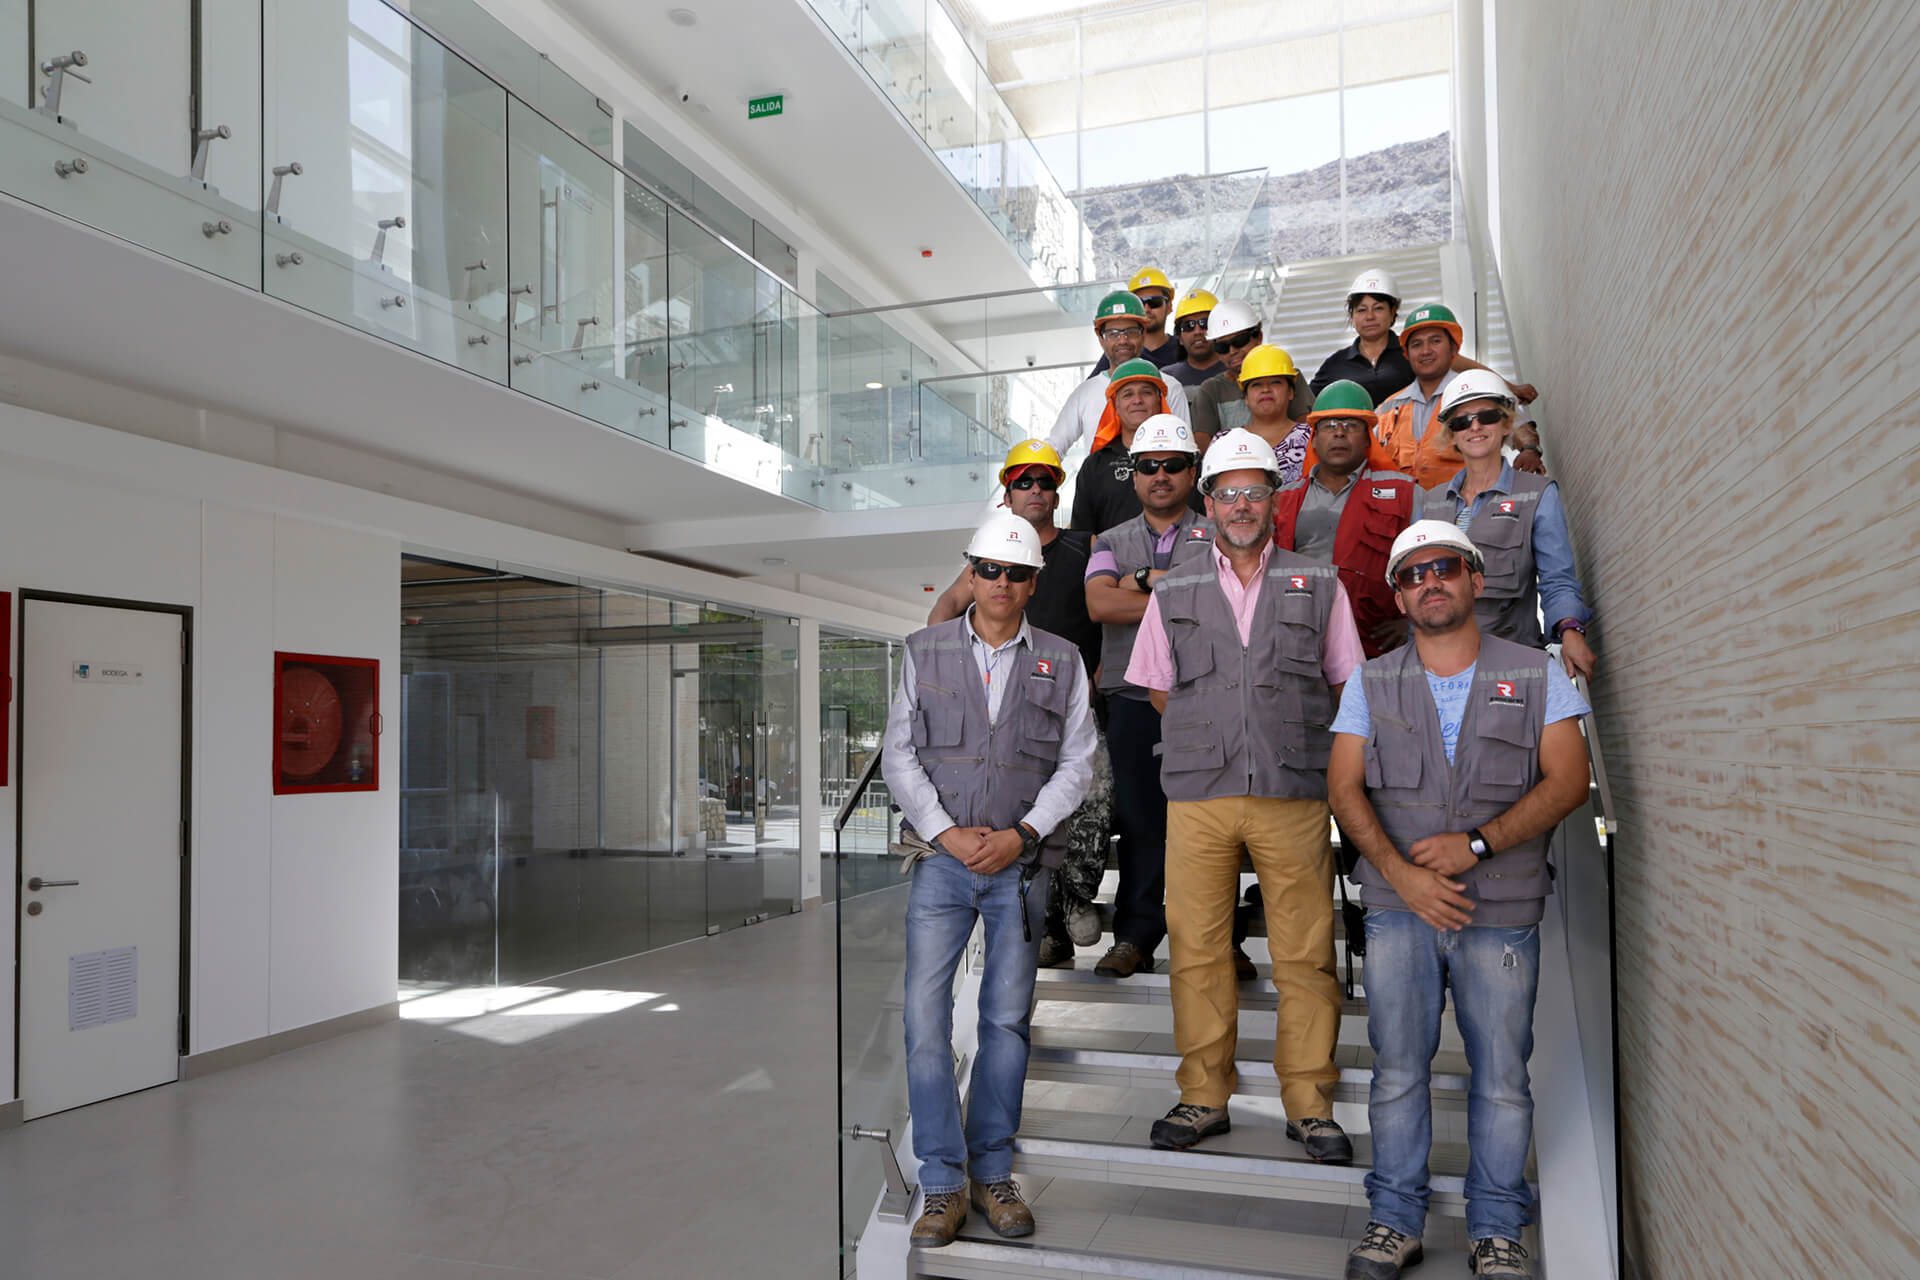 Trabajadores-Edificio-municipal-alto-del-carmen-constructora-rencoret-atacama